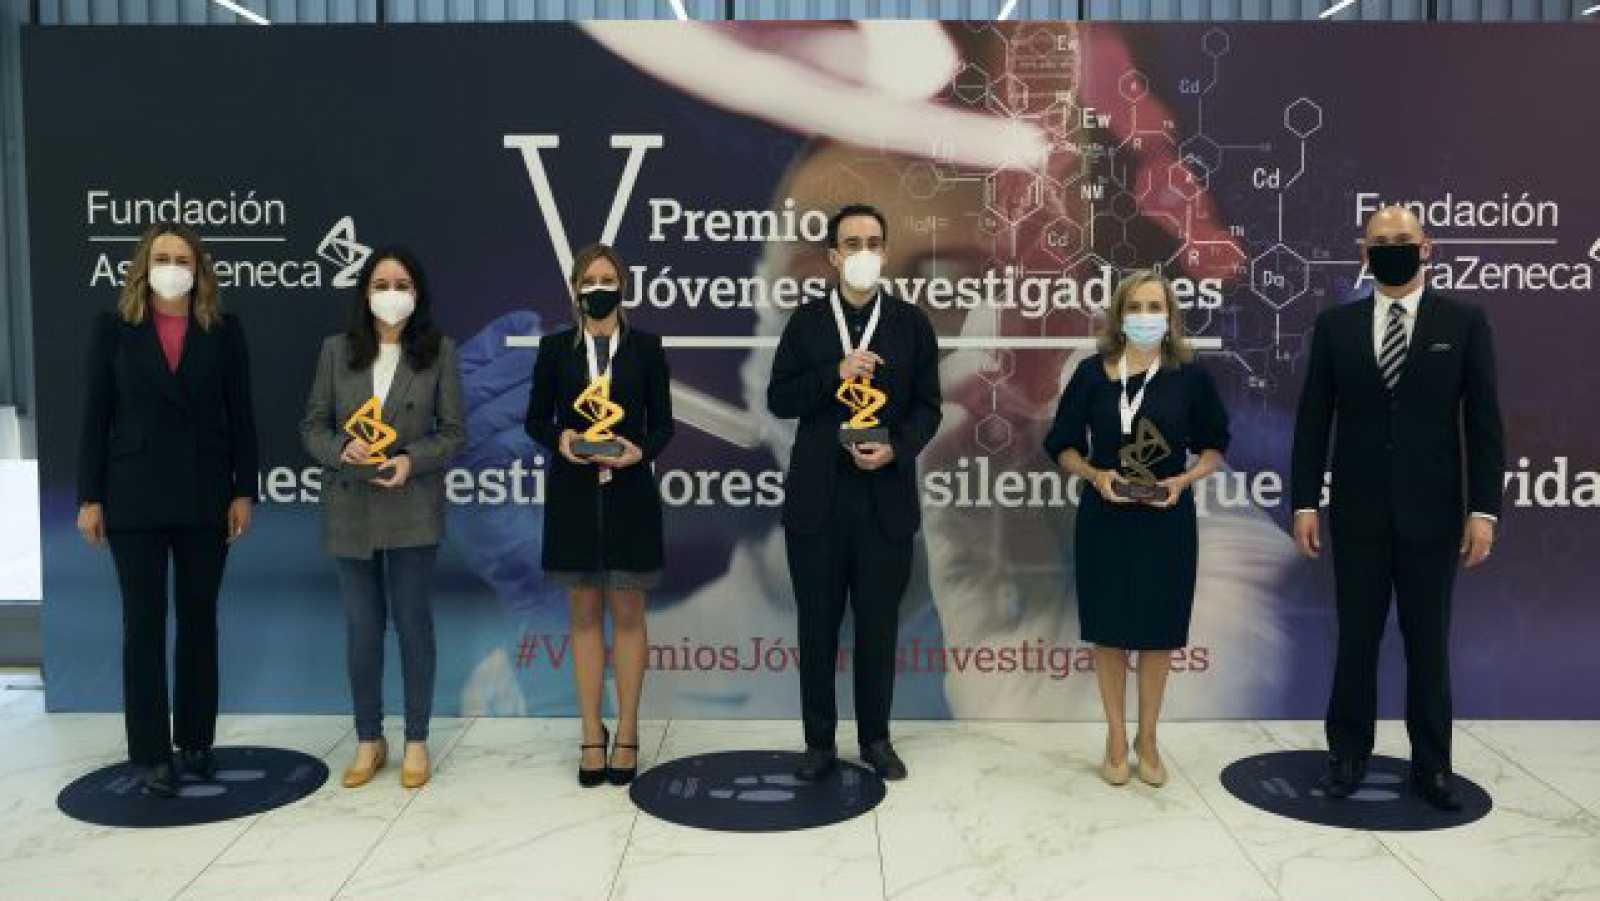 Punto de enlace - AstraZeneca España reconoce el talento científico más joven - 29/04/01 - escuchar ahora